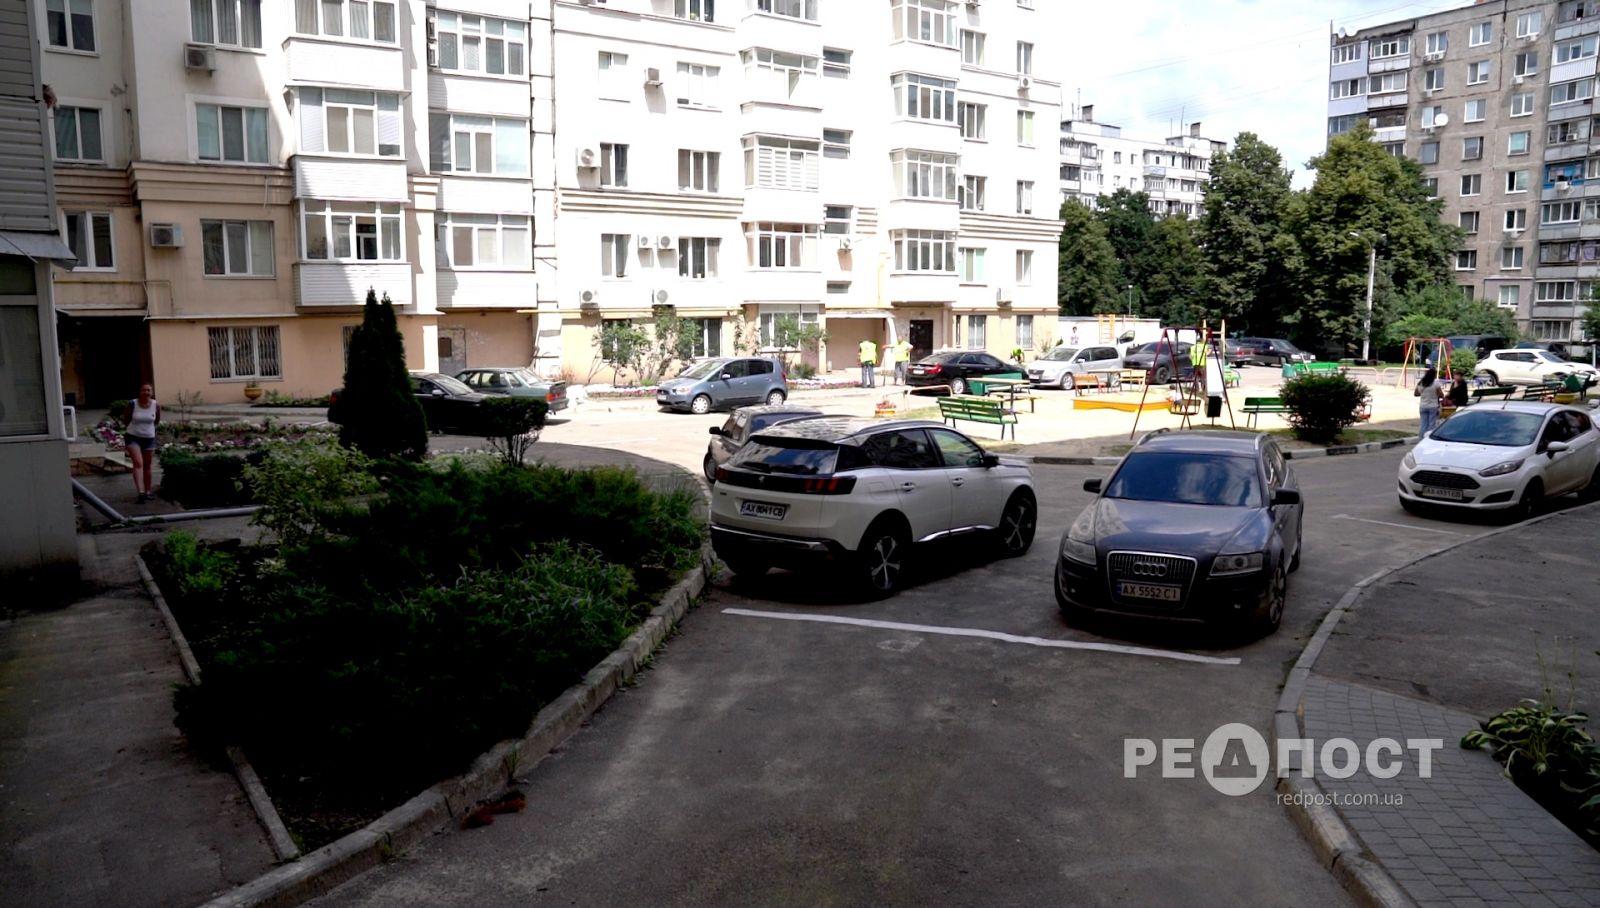 Новости Харькова: городские коммунальщики превращают дворы в парки